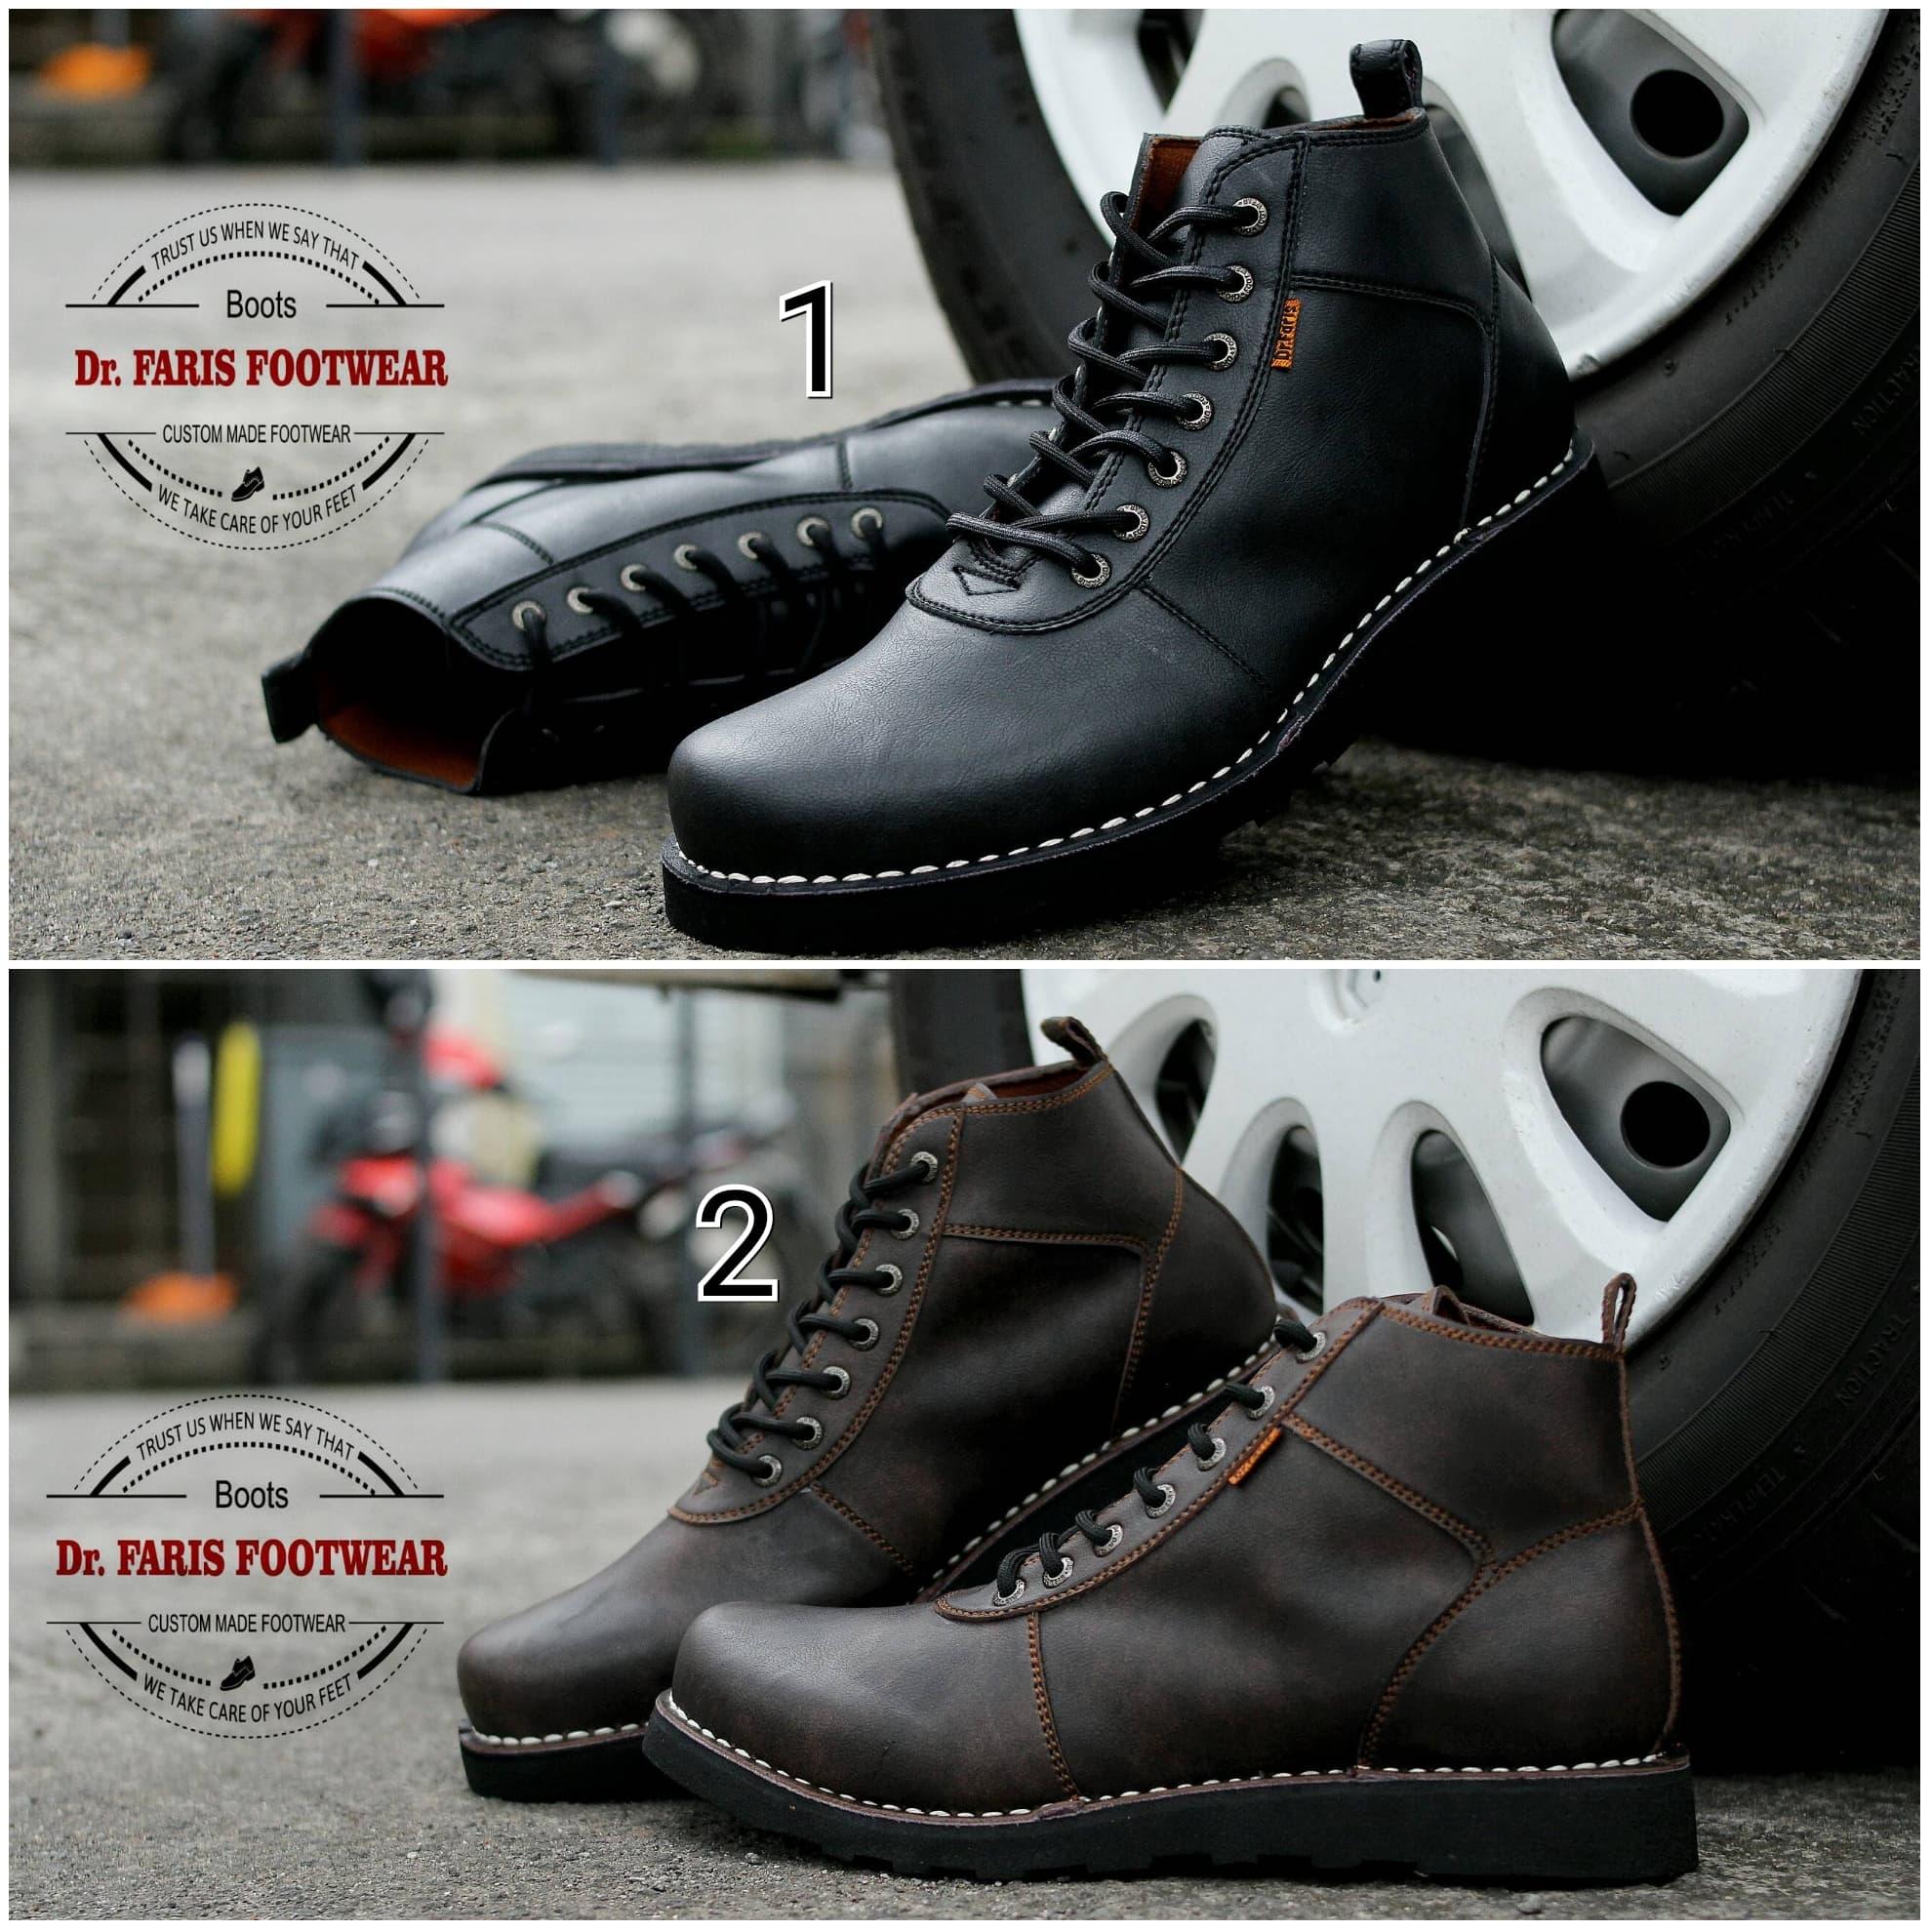 MURAH Sepatu Boots Pria Dr. Faris Sima Kulit Casual Formal Kerja Kantor 3b71ee3636